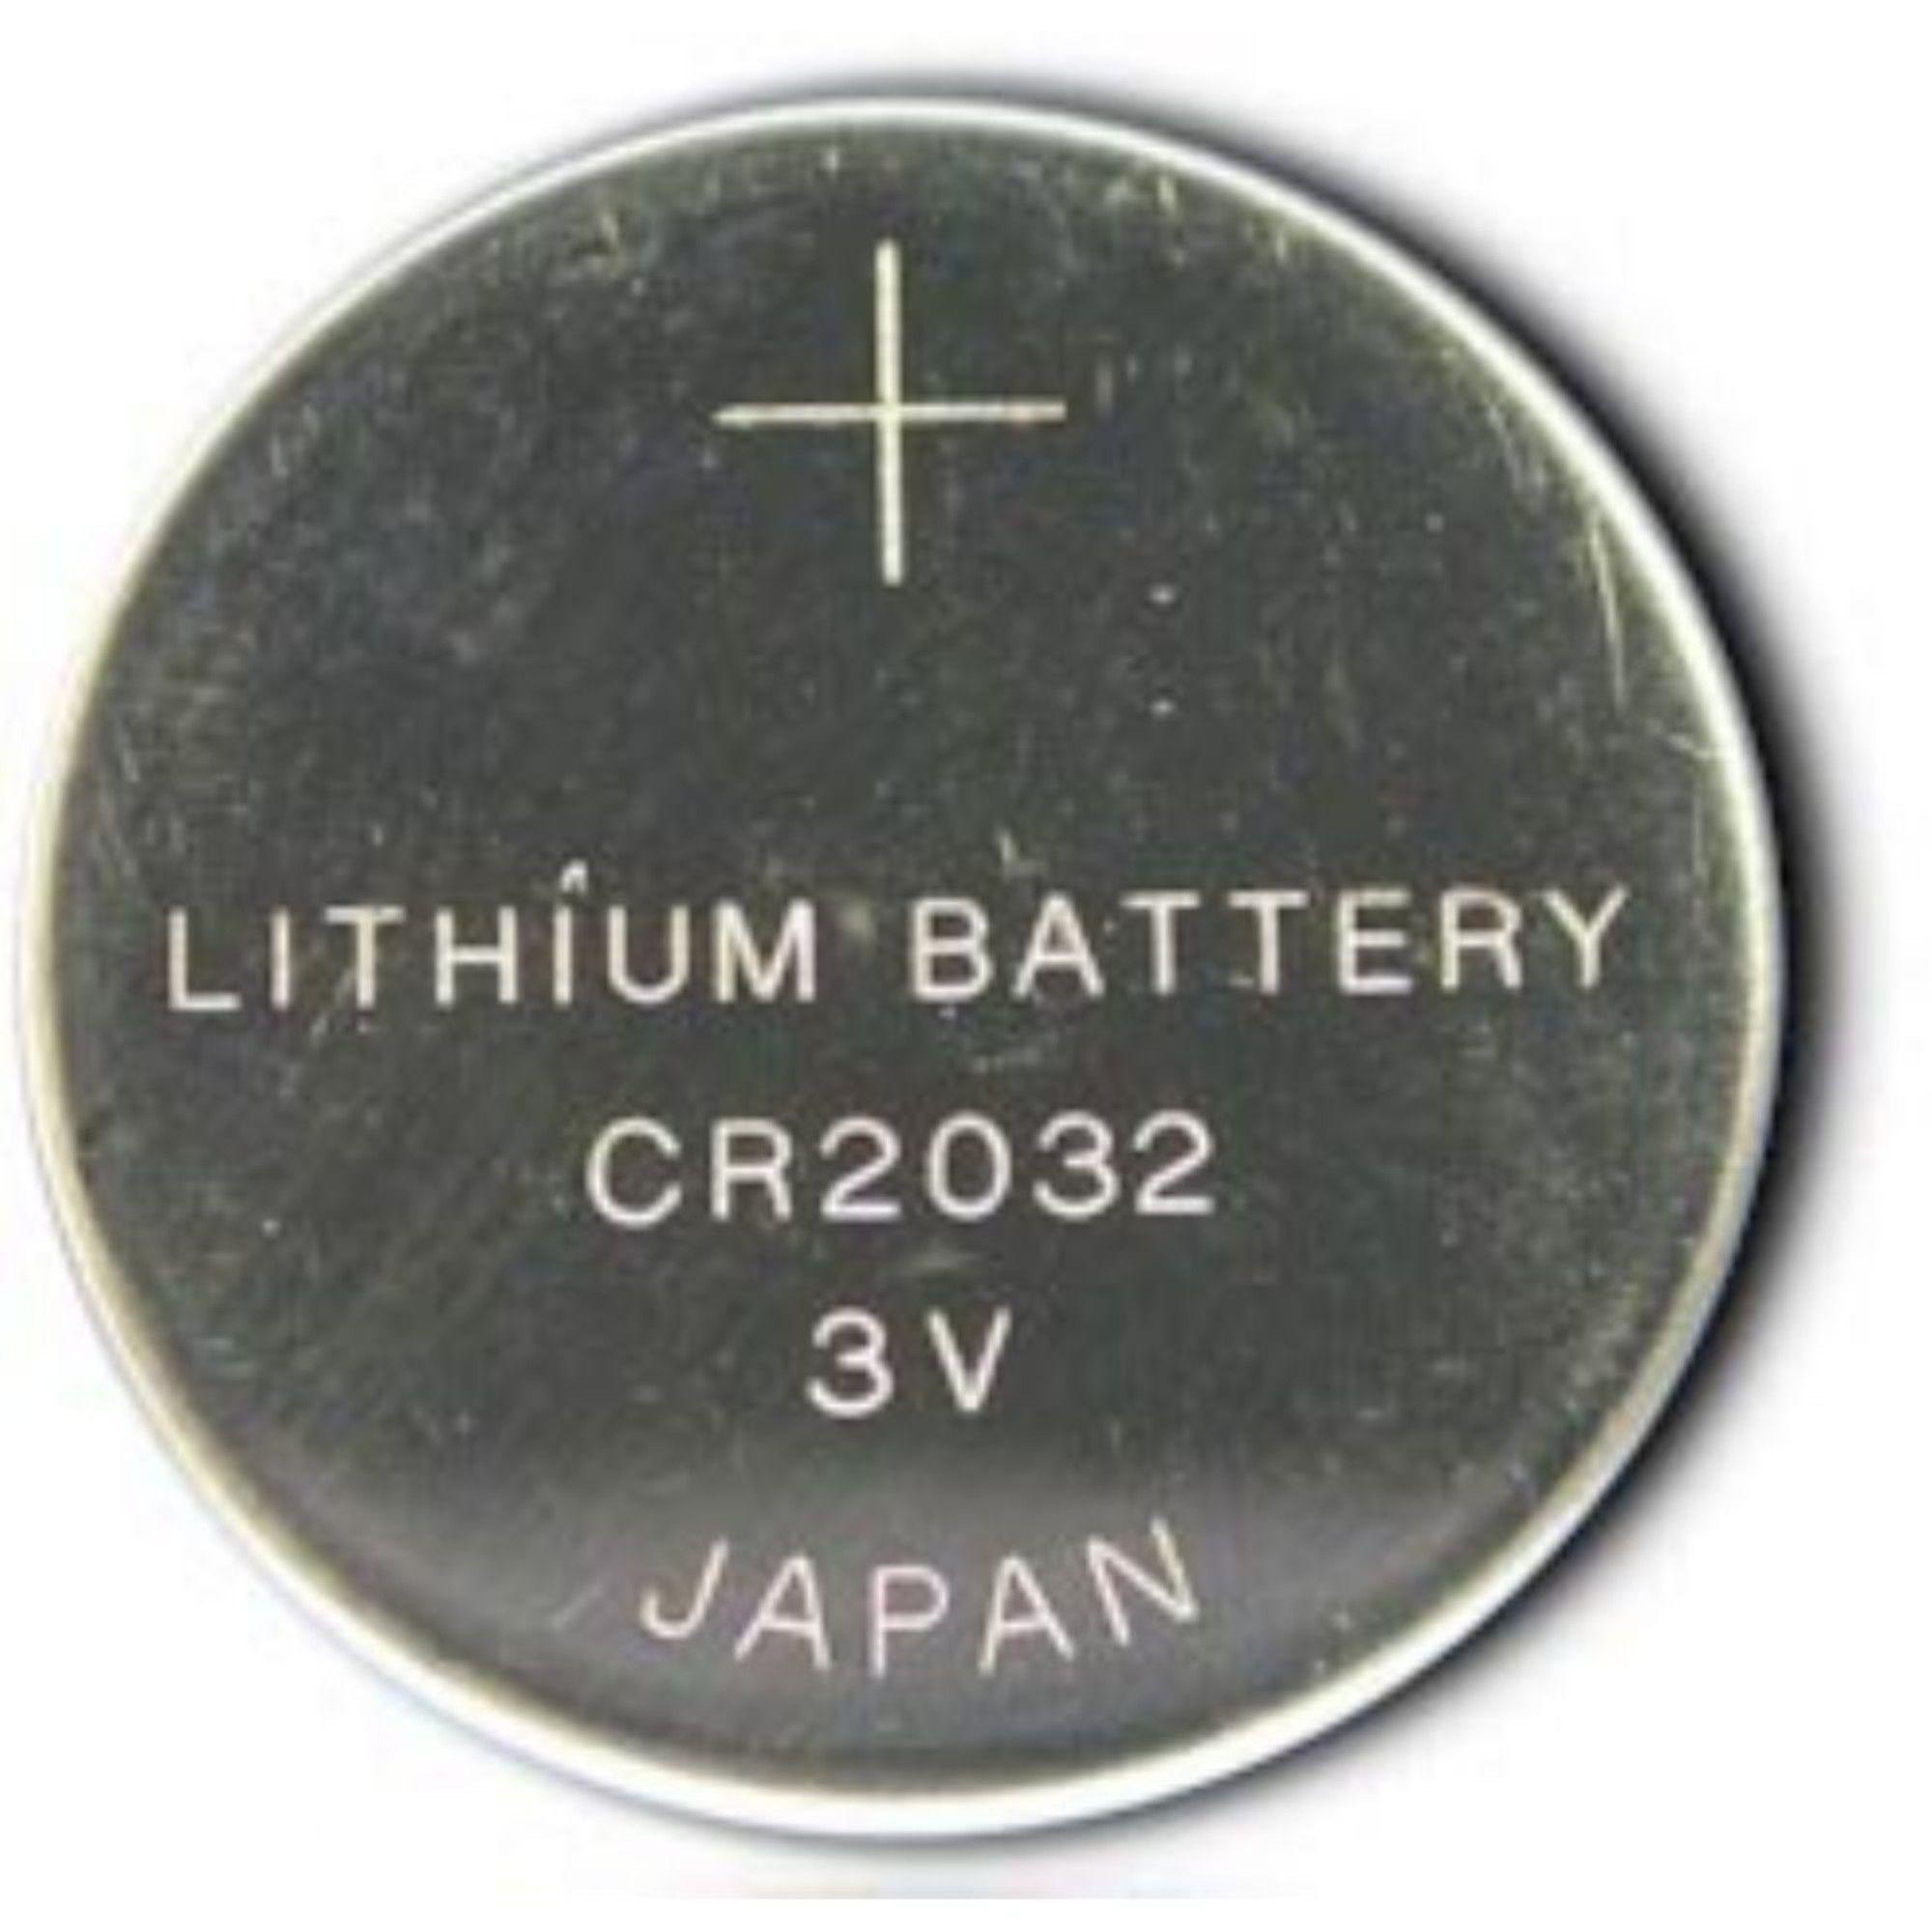 Bateria CR2032 P/ Controle Remoto e Placa Mãe C/ 2 Unidades